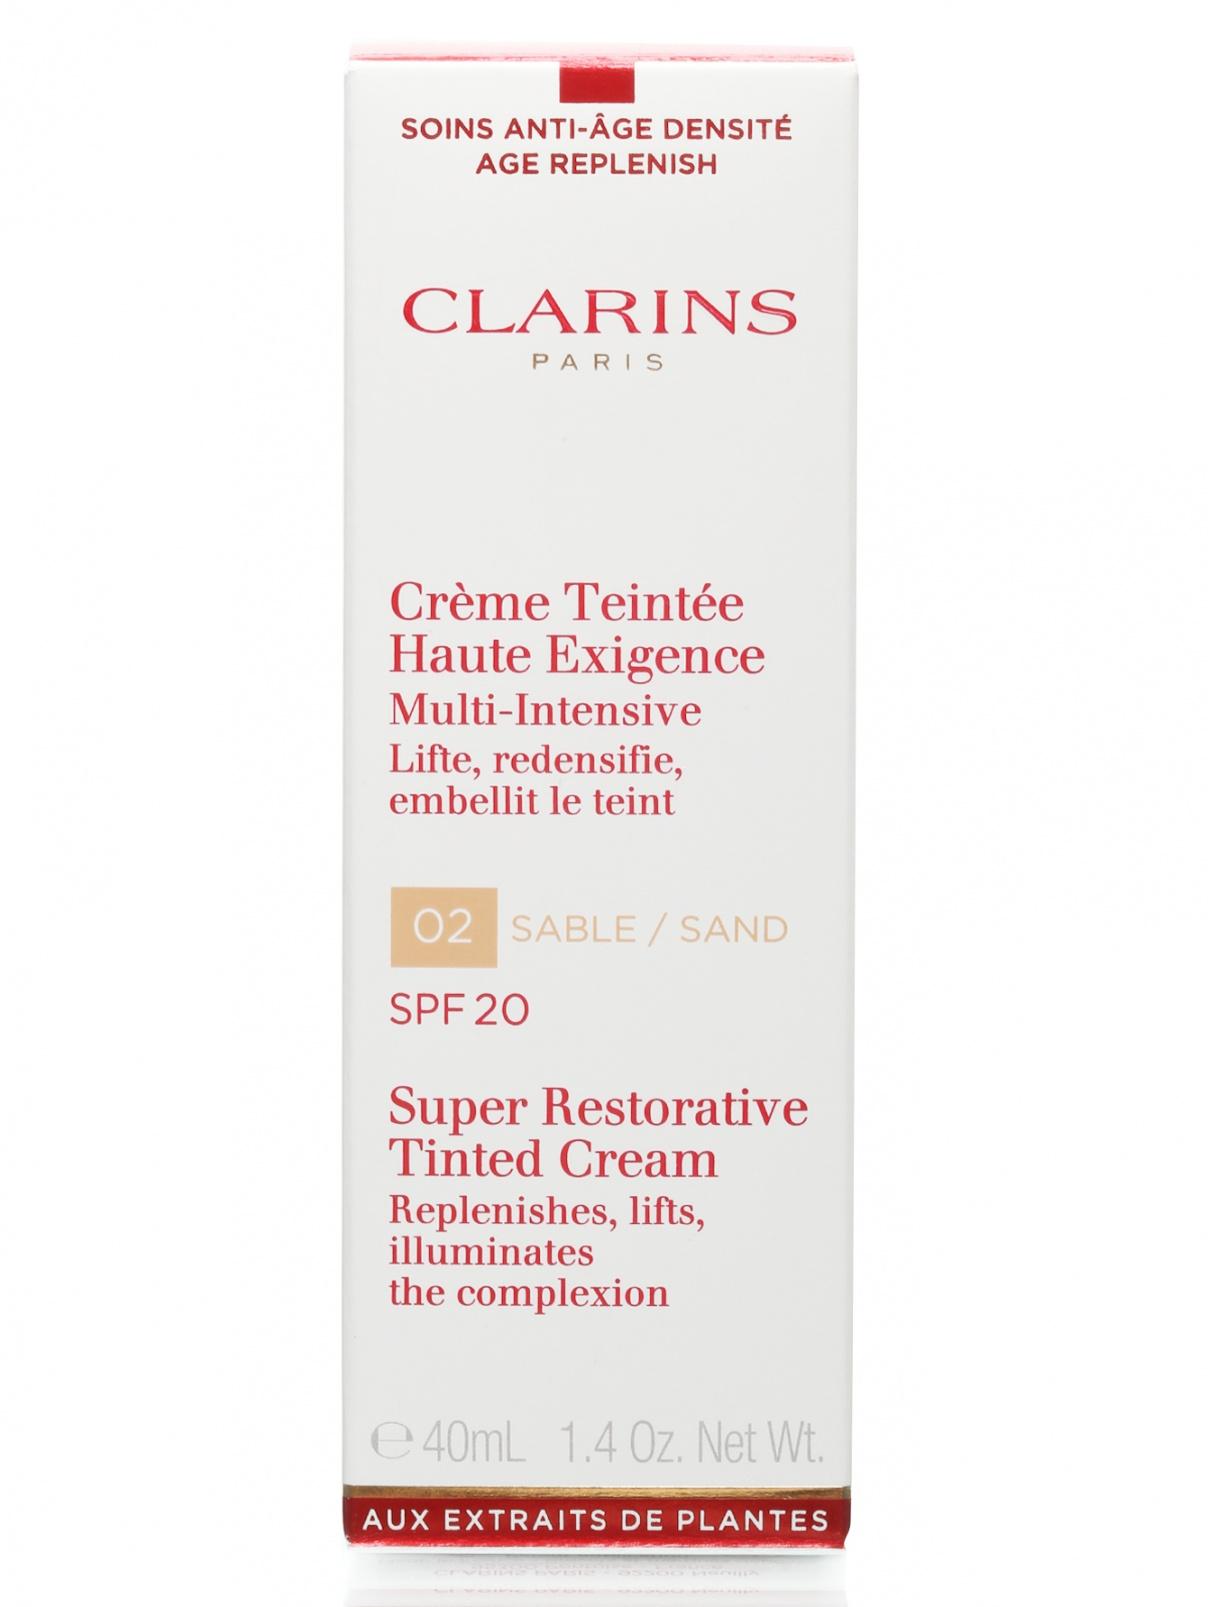 Крем с легким тоном - №2 Sand, Super restorative, 40ml Clarins  –  Общий вид